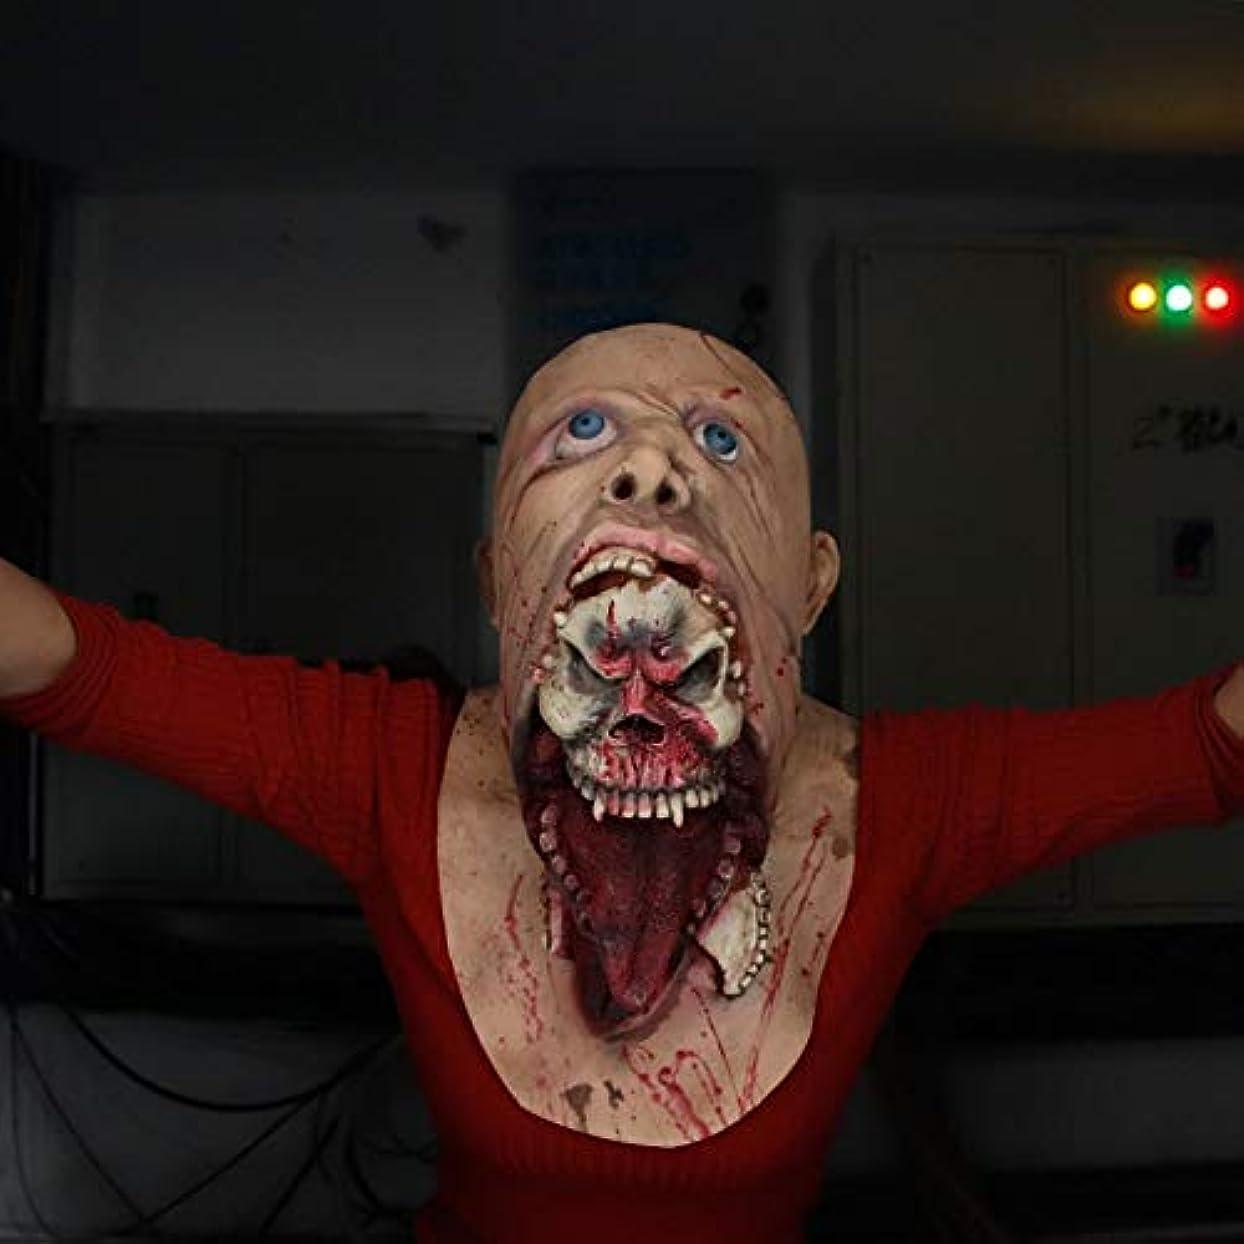 デマンド告白するカトリック教徒ラテックスゾンビハロウィーンマスク、怖い寄生虫マスク、怖い残酷なラテックスマスク